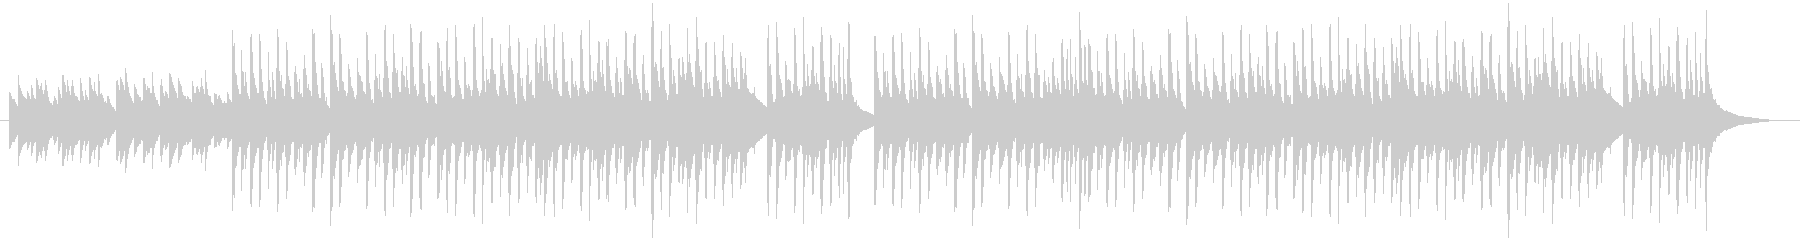 チェレスタと弦による切なくも暖かい曲の未再生の波形